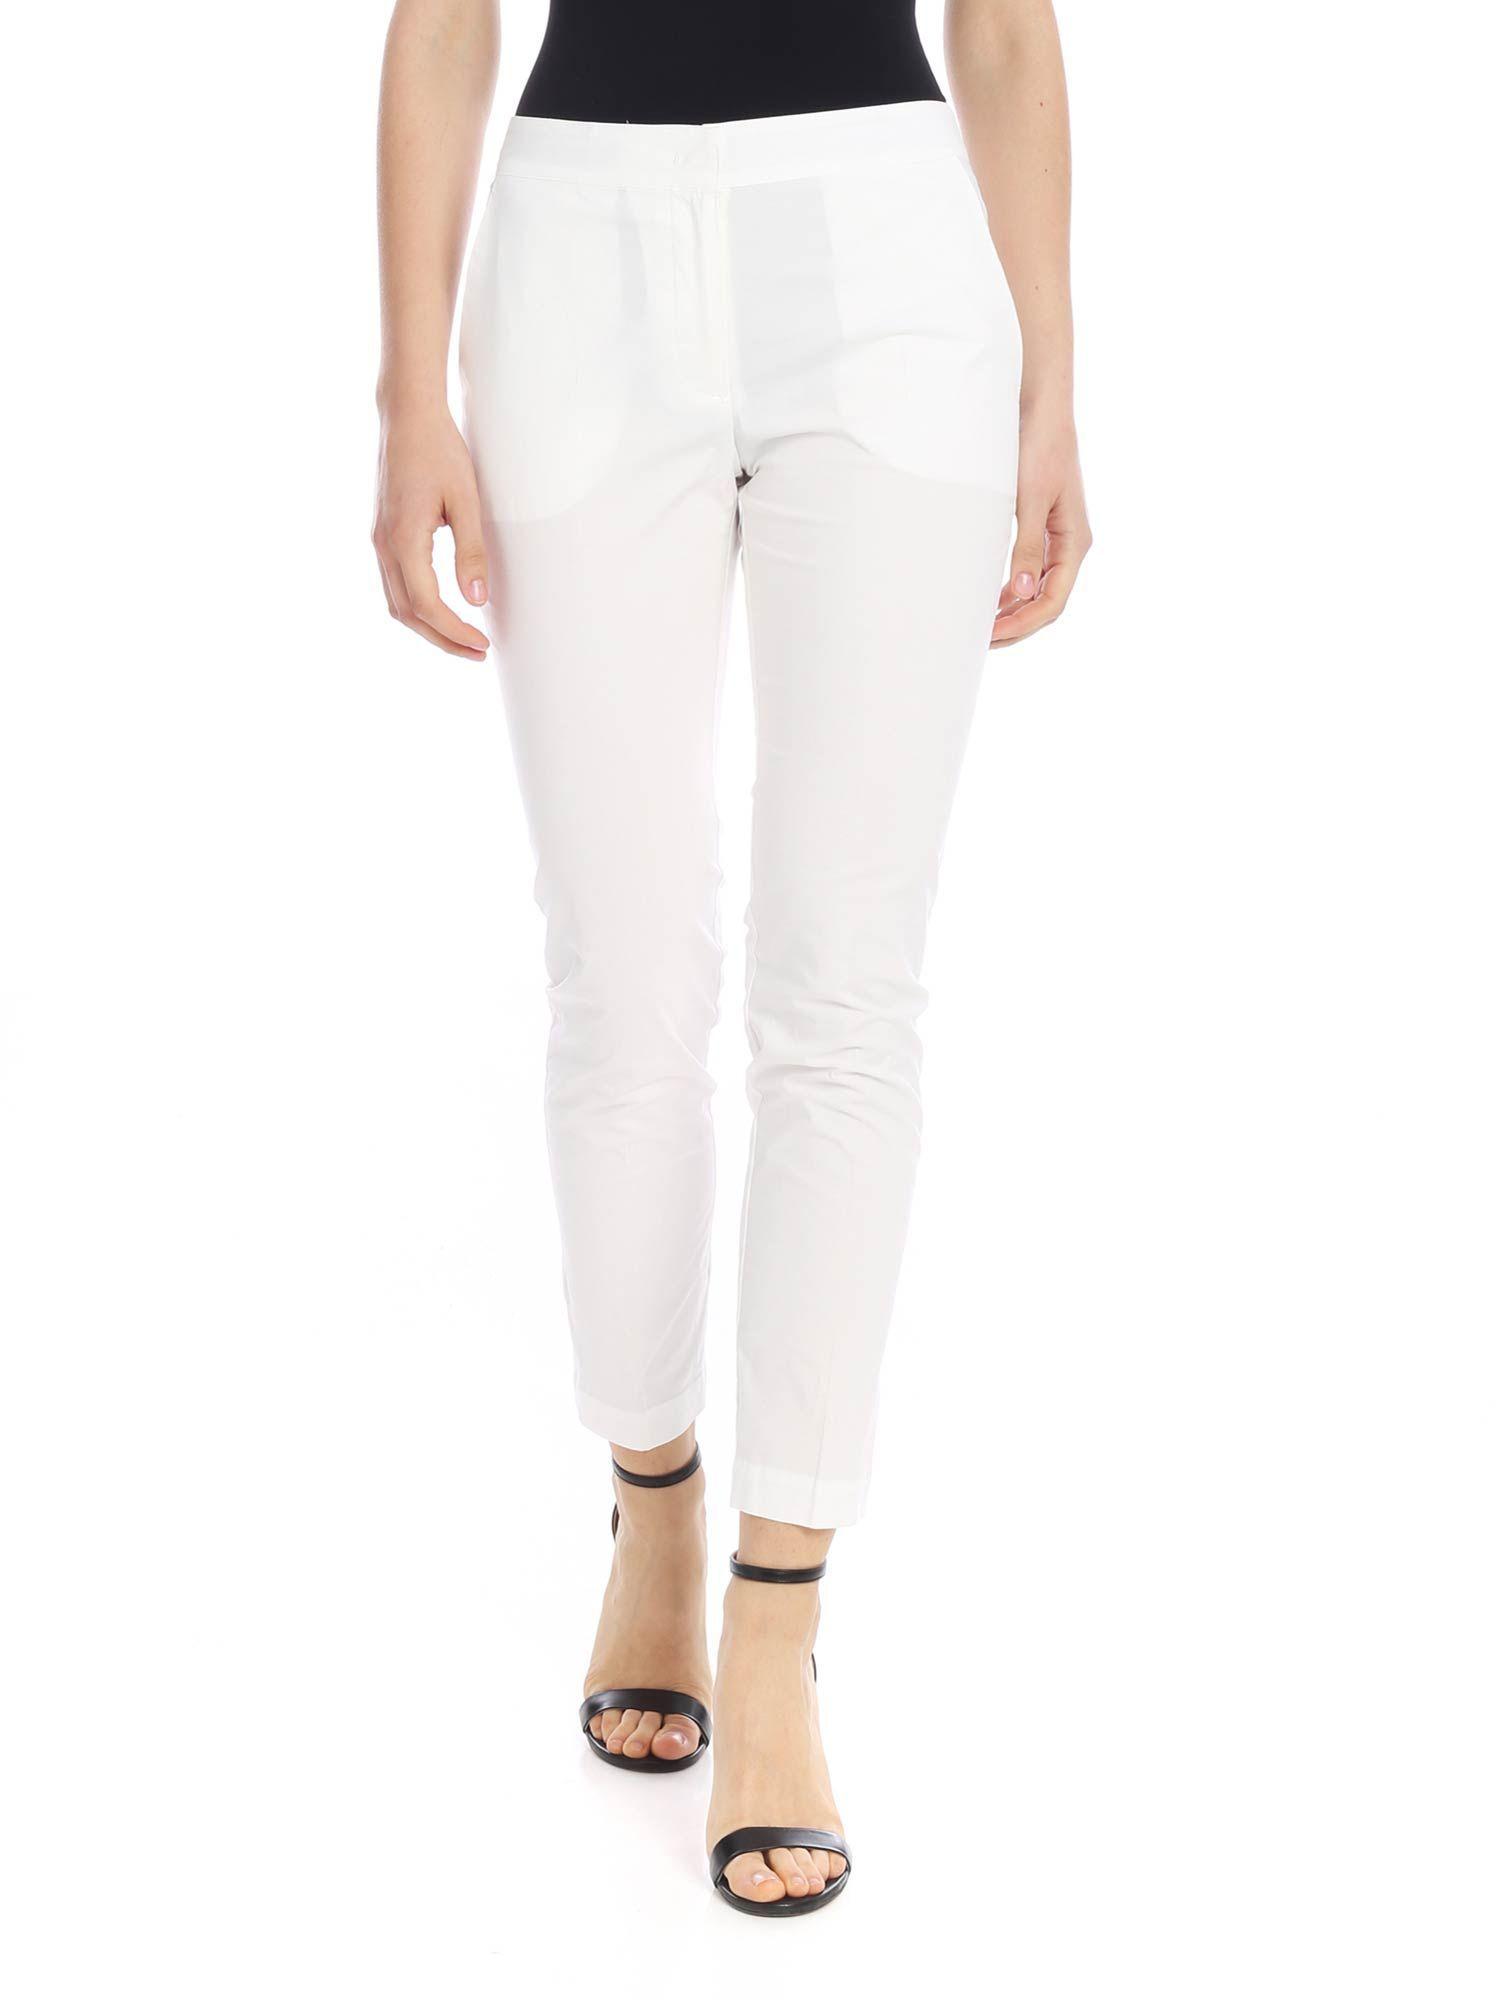 LIU JO WOMEN'S C19207T5512X0181 WHITE COTTON PANTS